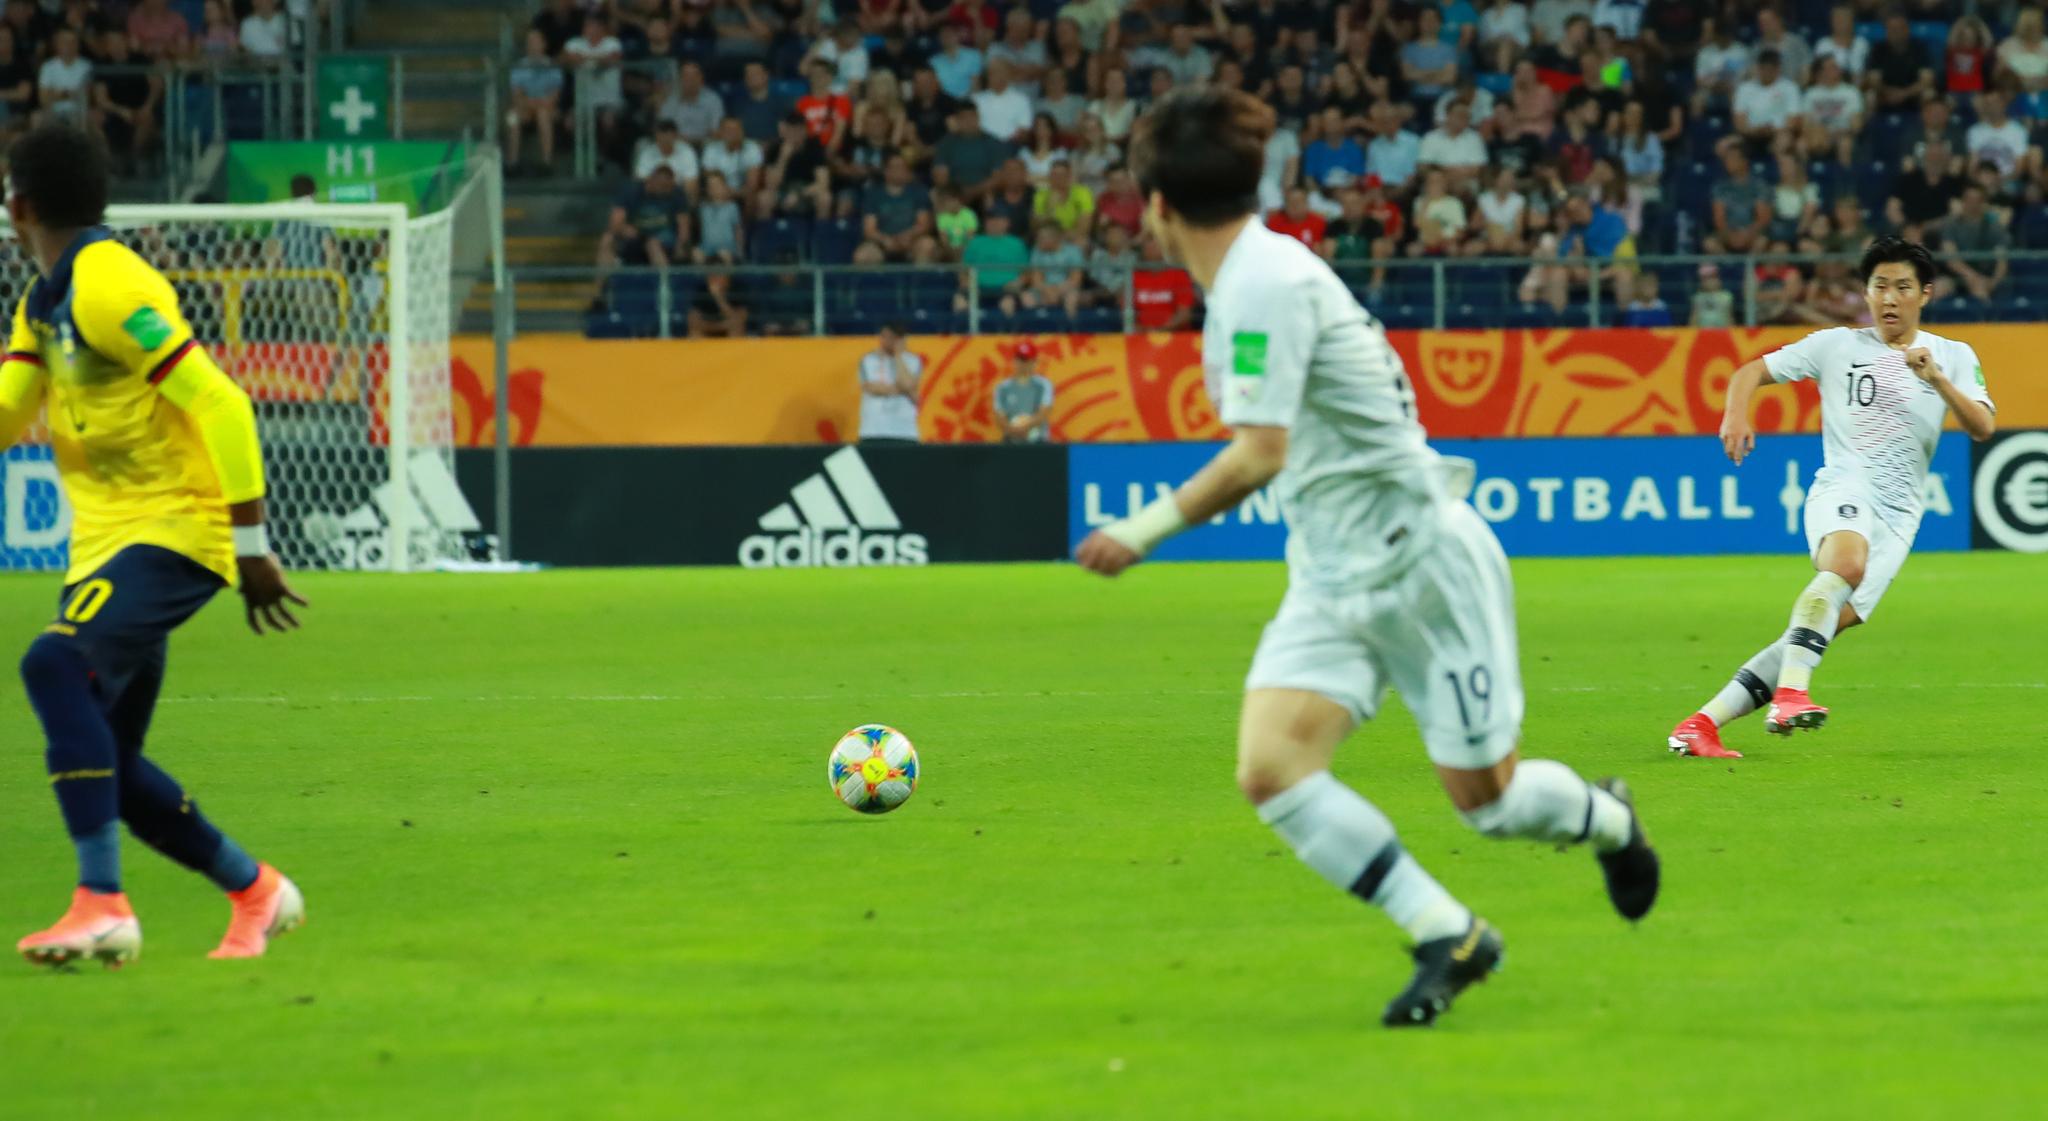 12일 U-20 월드컵 4강전 한국과 에콰도르의 경기. 전반 이강인이 앞쪽의 최준을 바라본 뒤 공간 패스를 하고 있다. 이후 최준의 골로 이 패스는 이강인의 어시스트로 기록됐다. [연합뉴]